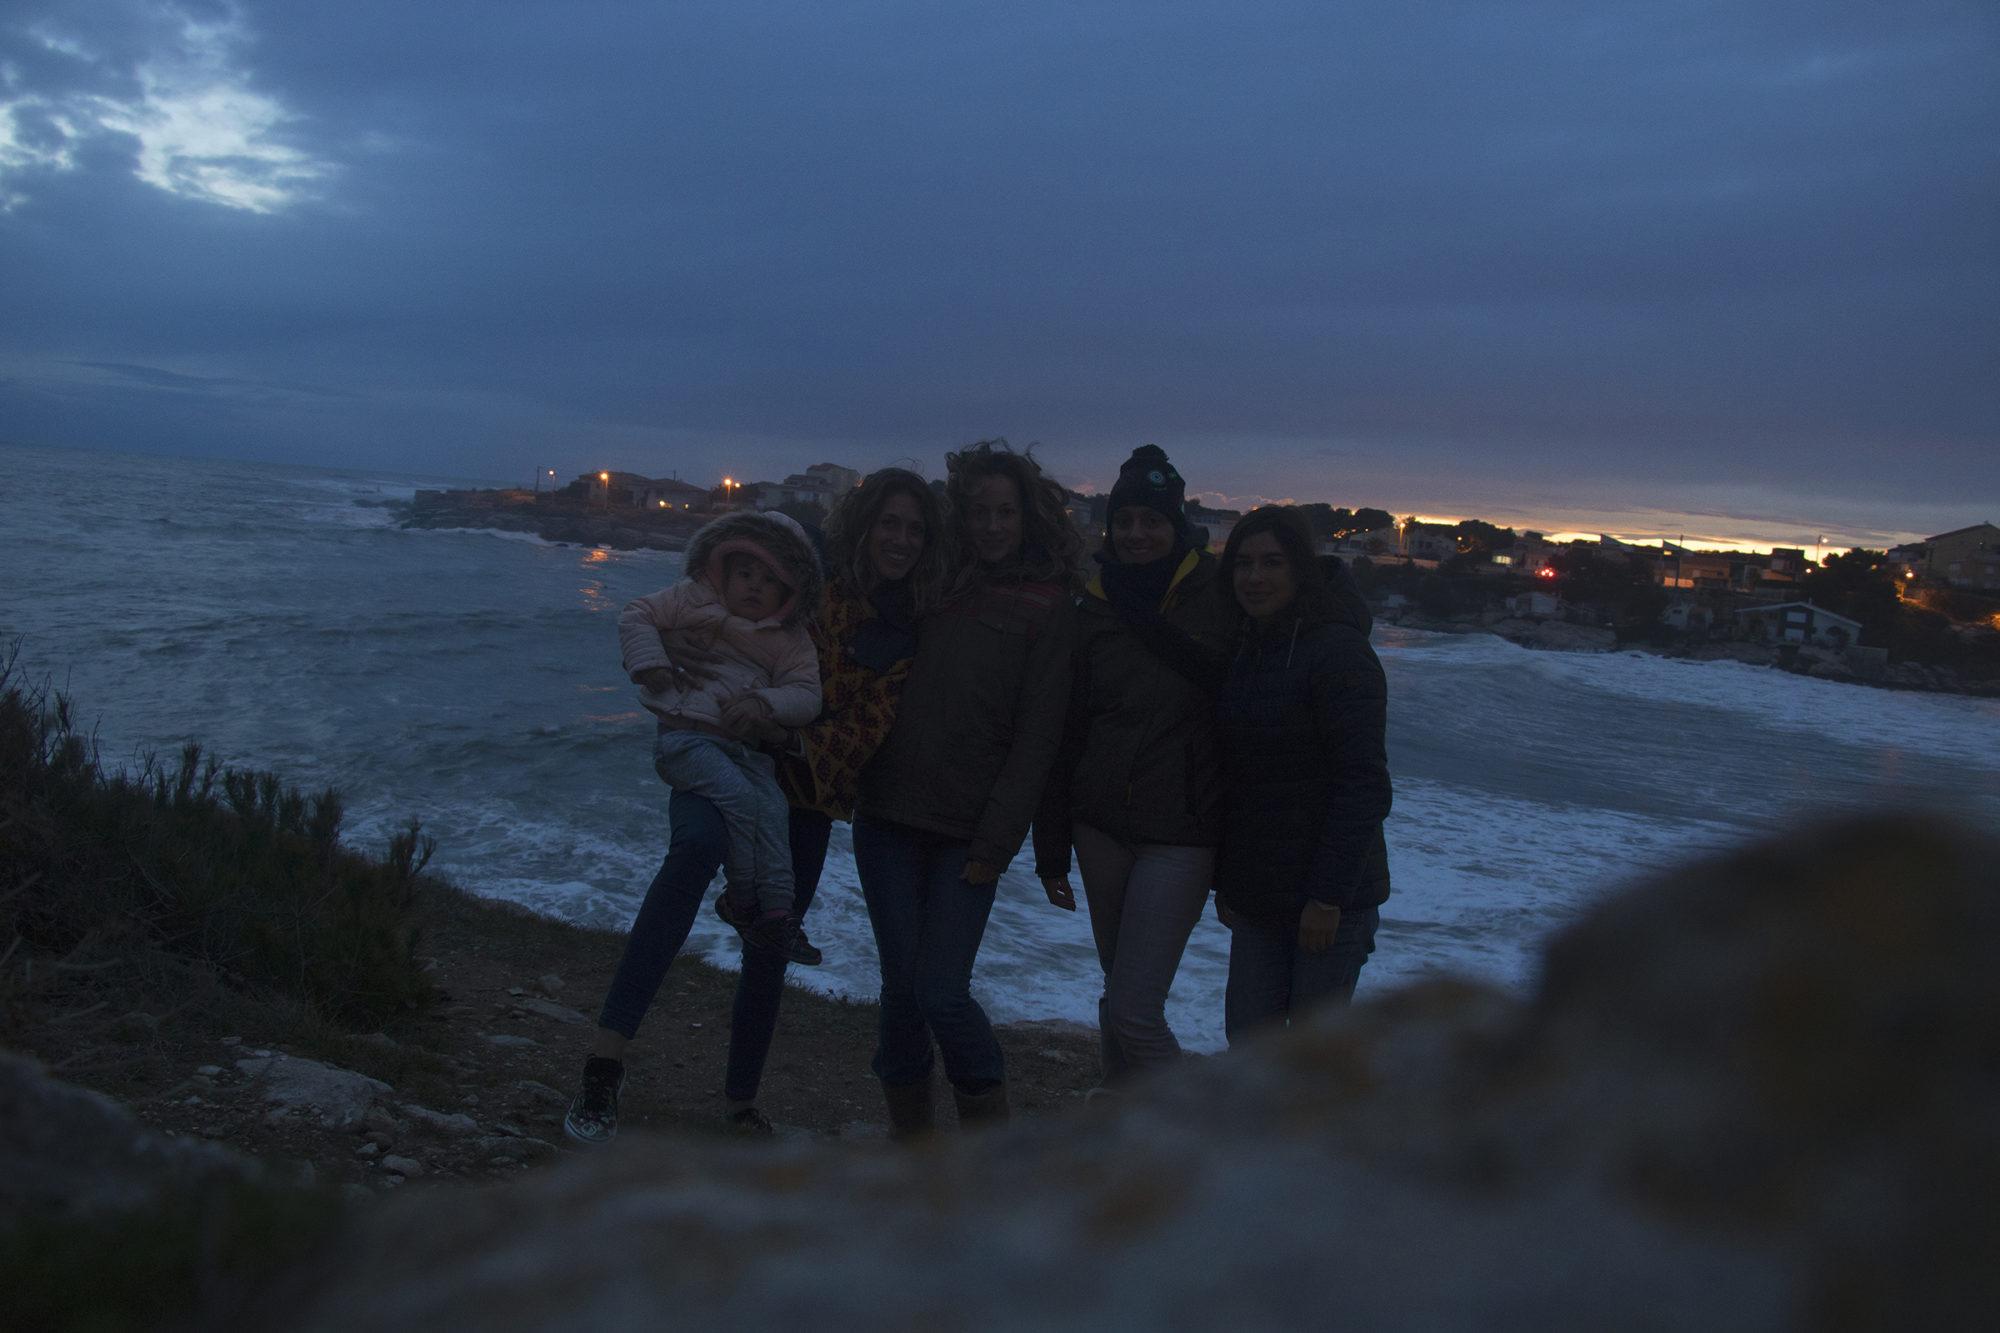 copines de surfeur, maman surfeuse, session nocturne, tempête, surf, surfeur, surfeuse.fr